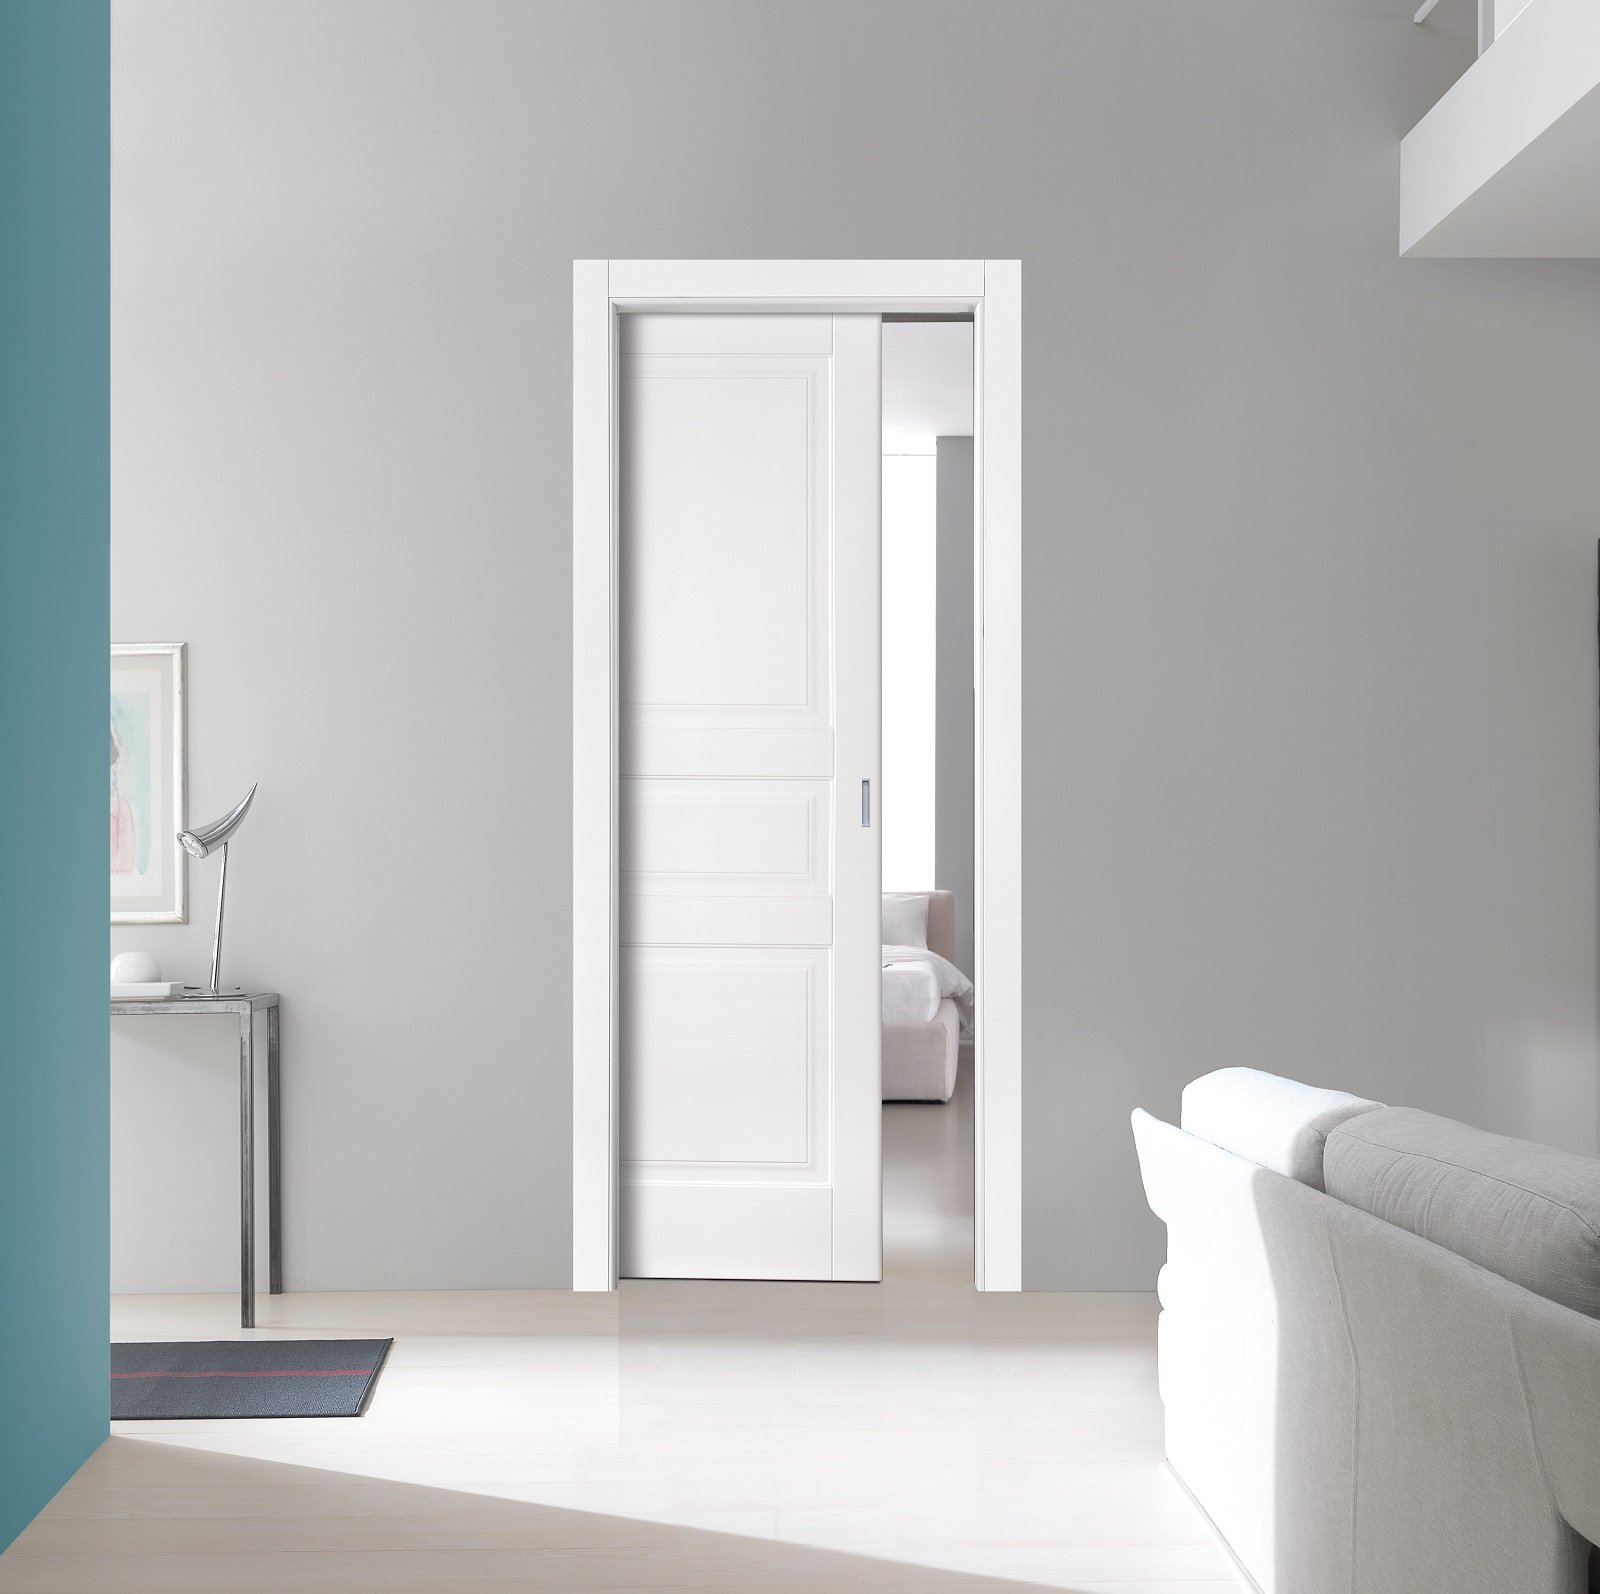 La porta scorrevole ideale dove necessario - Porta scorrevole a scomparsa ...